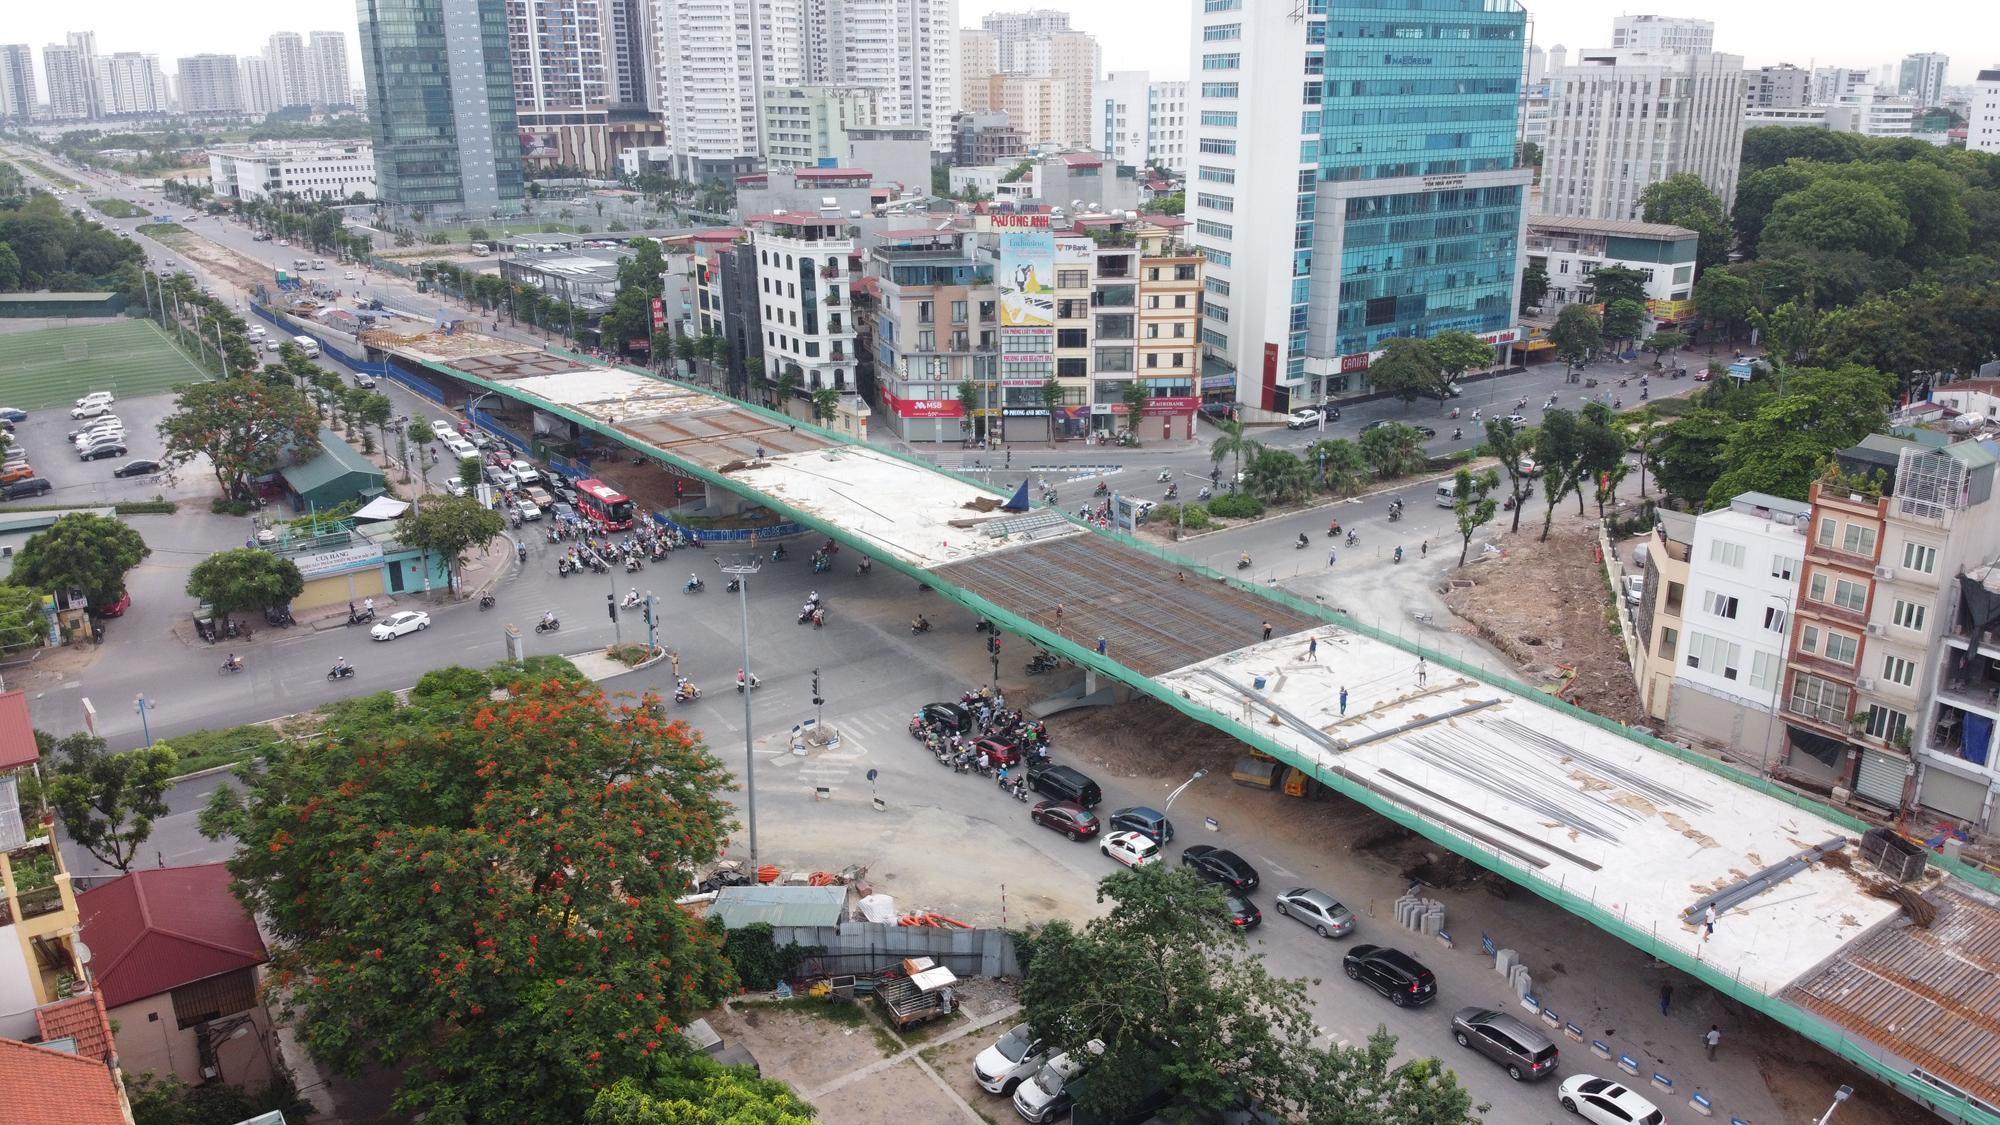 Cầu vượt nút giao Hoàng Quốc Việt - Nguyễn Văn Huyên sắp thông xe, ba quận hưởng lợi - Ảnh 1.